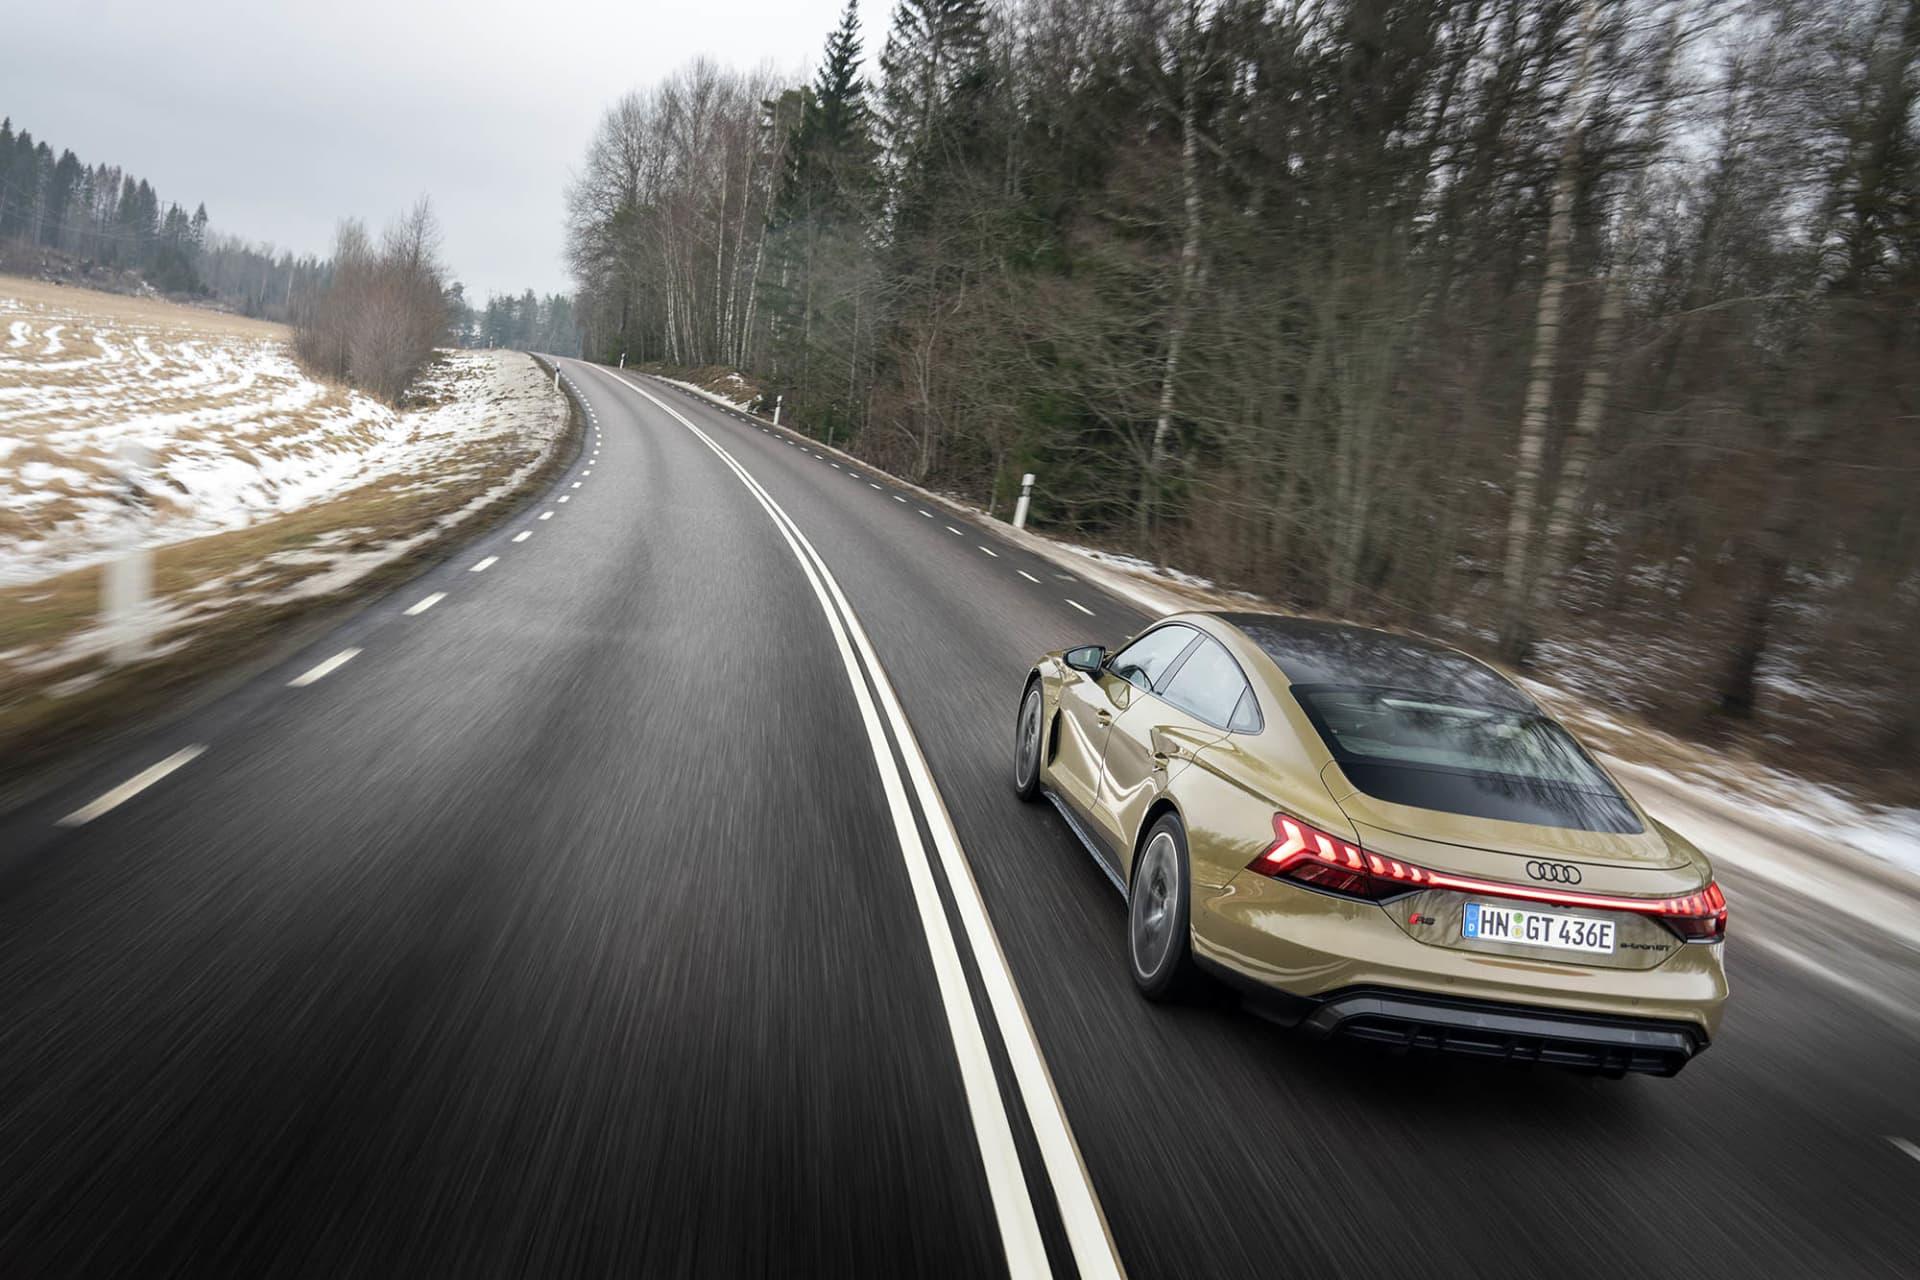 Oavsett vägen är slingrig, spikrak eller i citymiljö kommer du trivas bakom ratten på RS e-tron GT. Den har både komfort och prestanda i överkant.